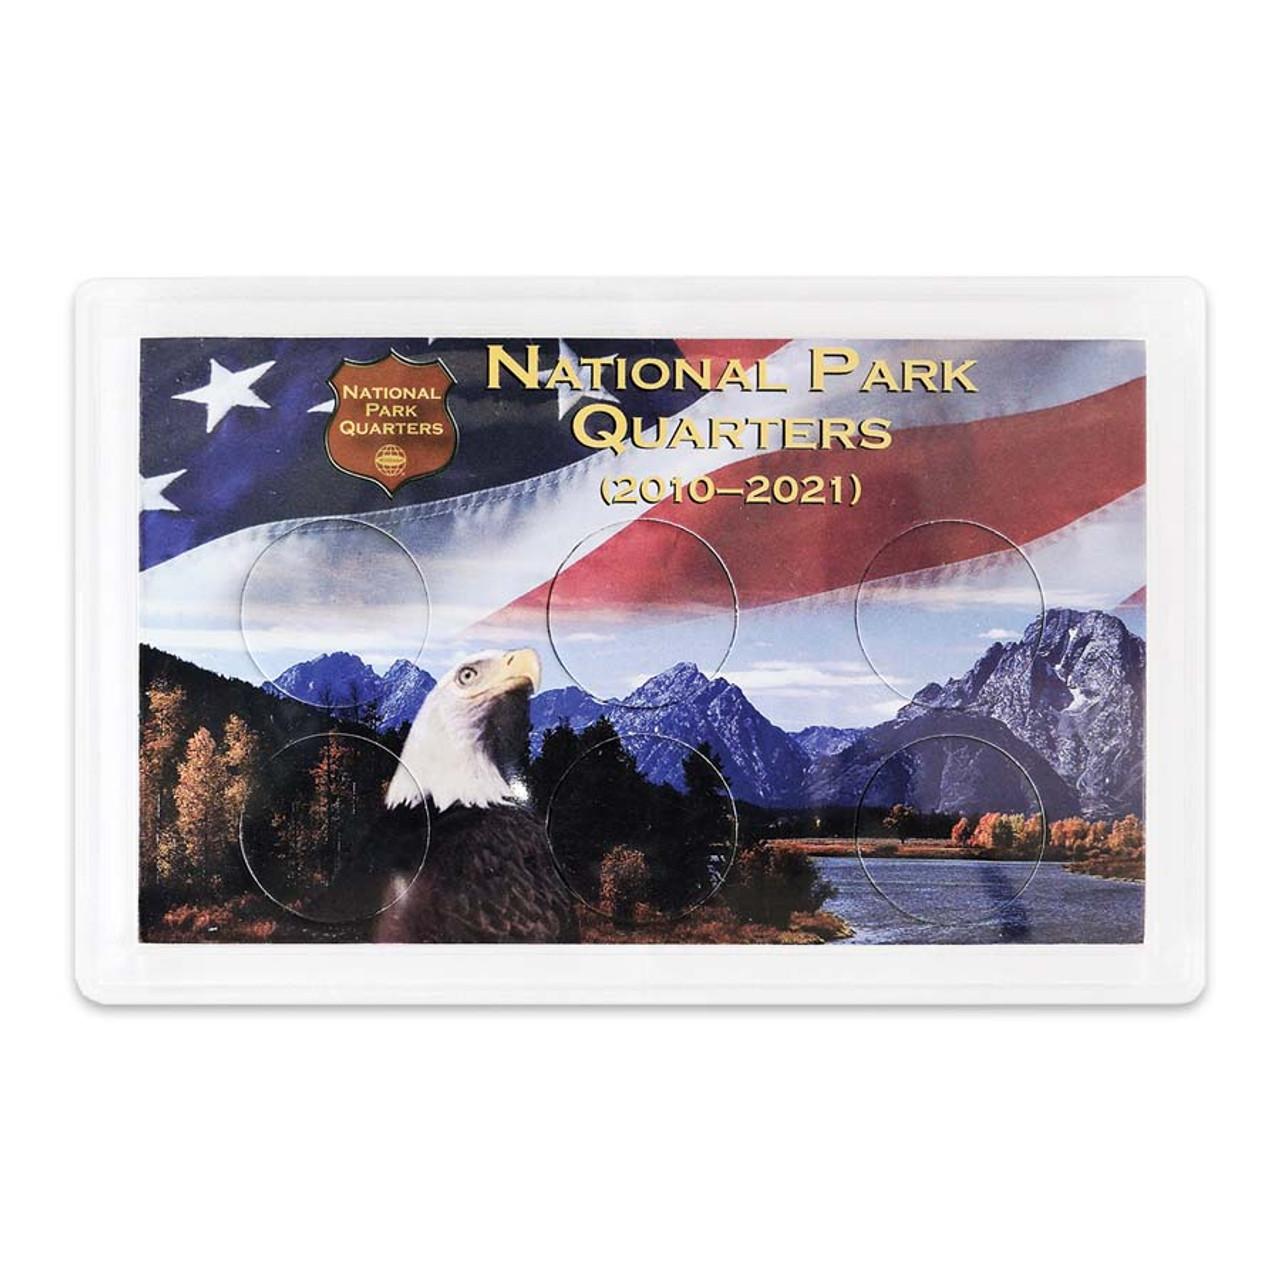 Harris National Parks Quarter Case Image 1